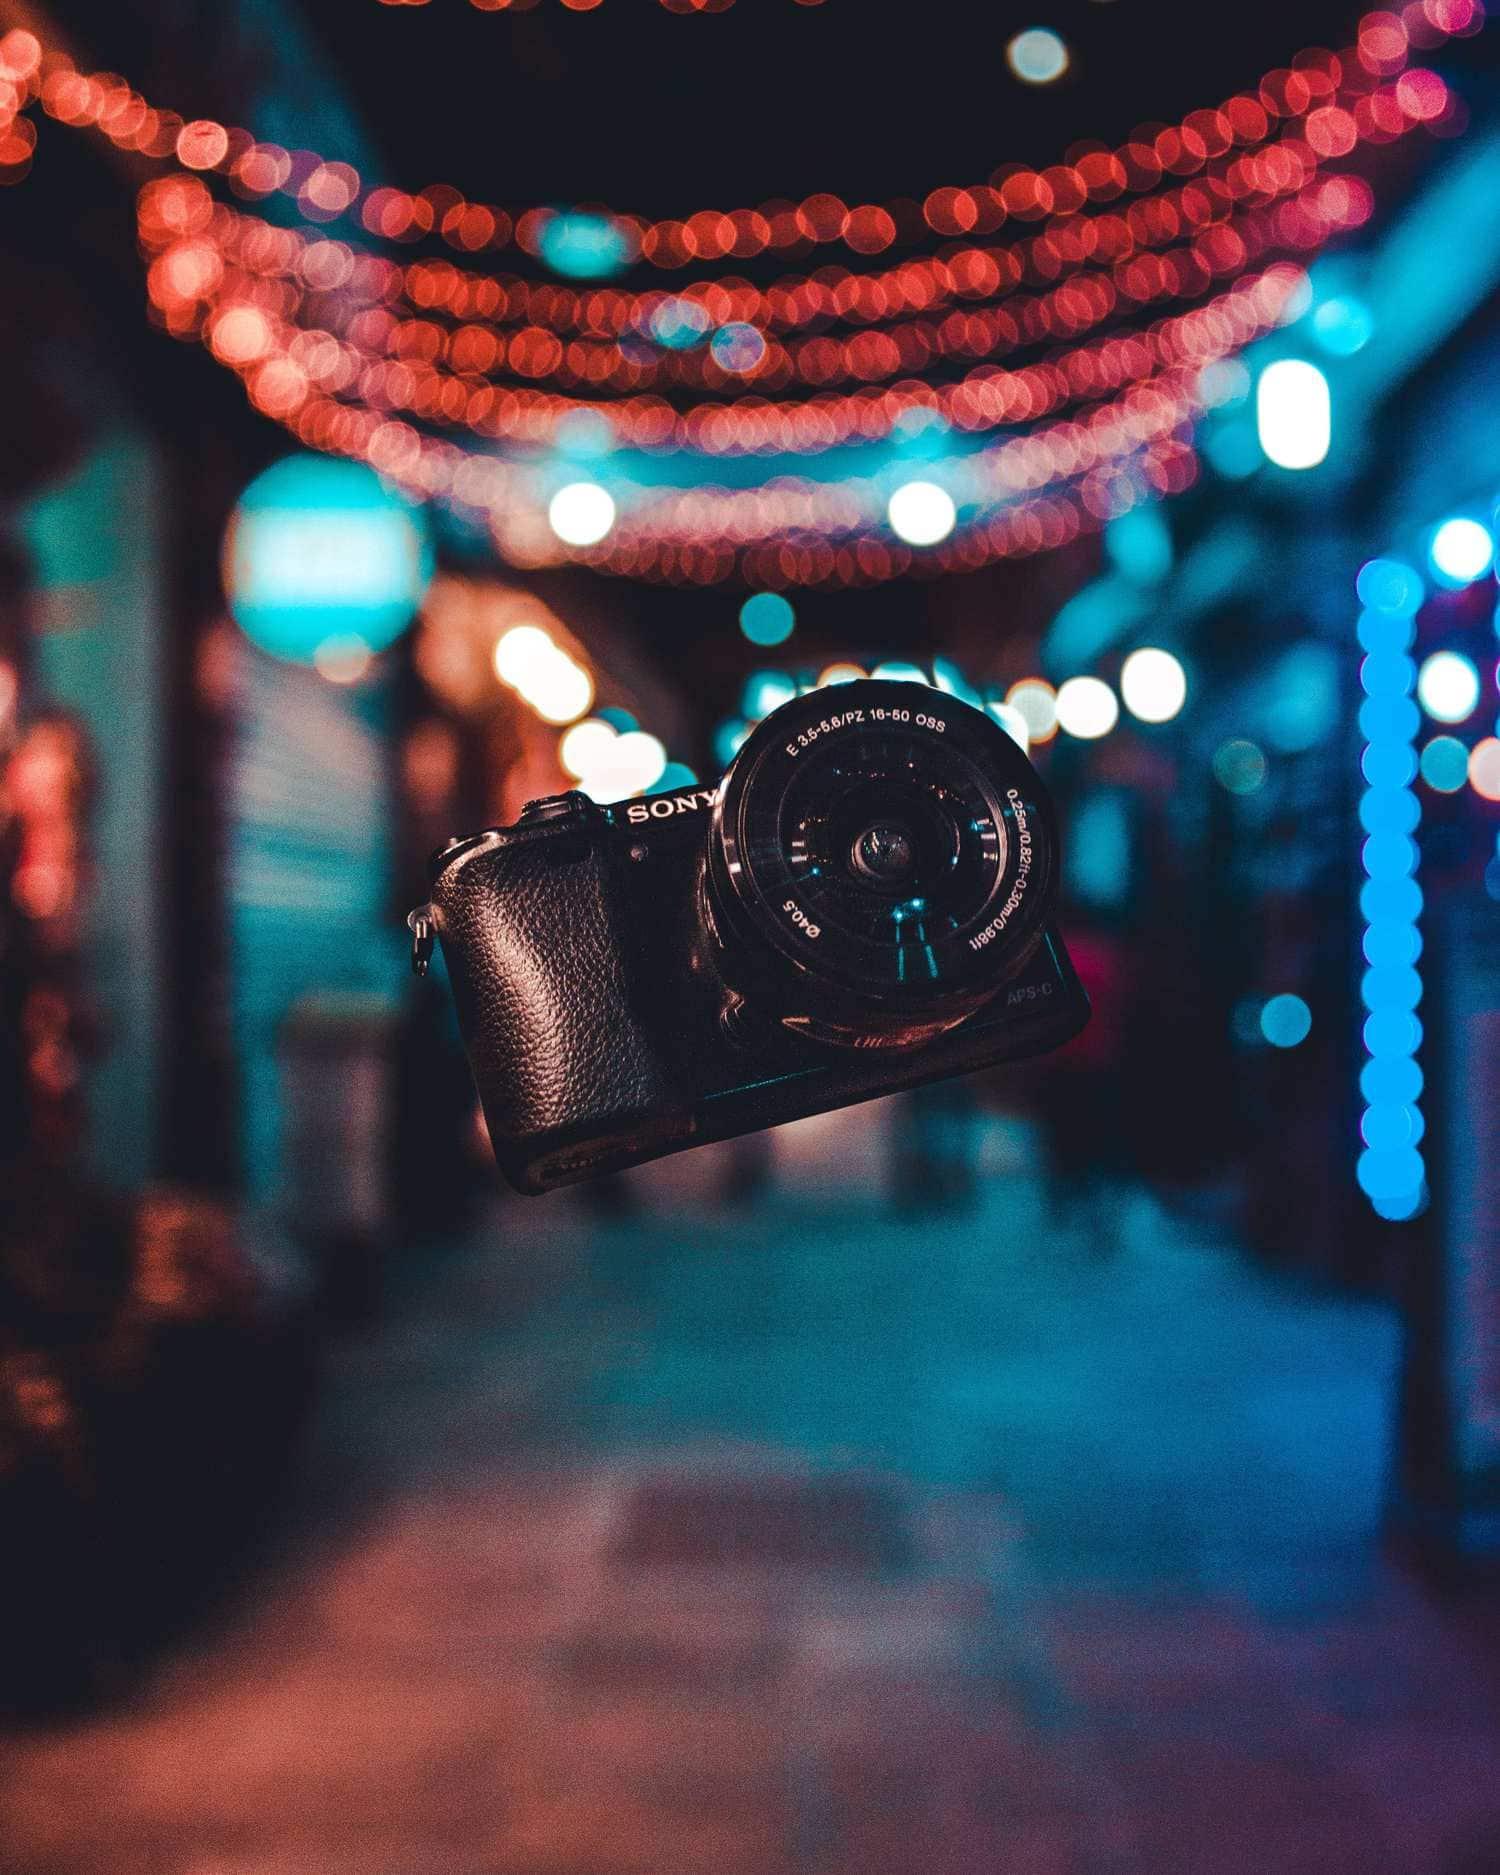 Cámara de fotos en el aire por la noche